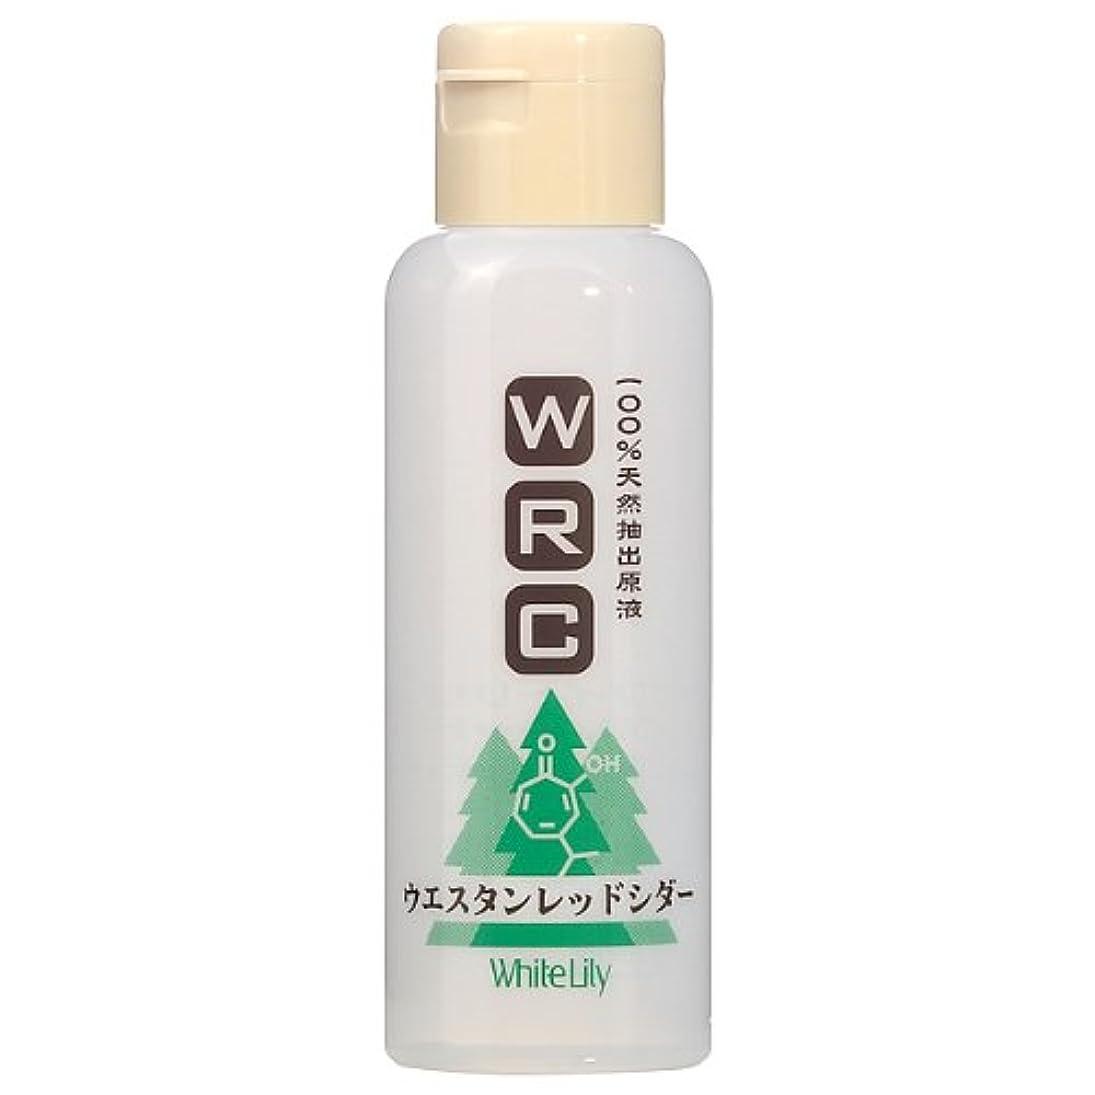 ホワイトリリー ウエスタンレッドシダー 110mL 化粧水